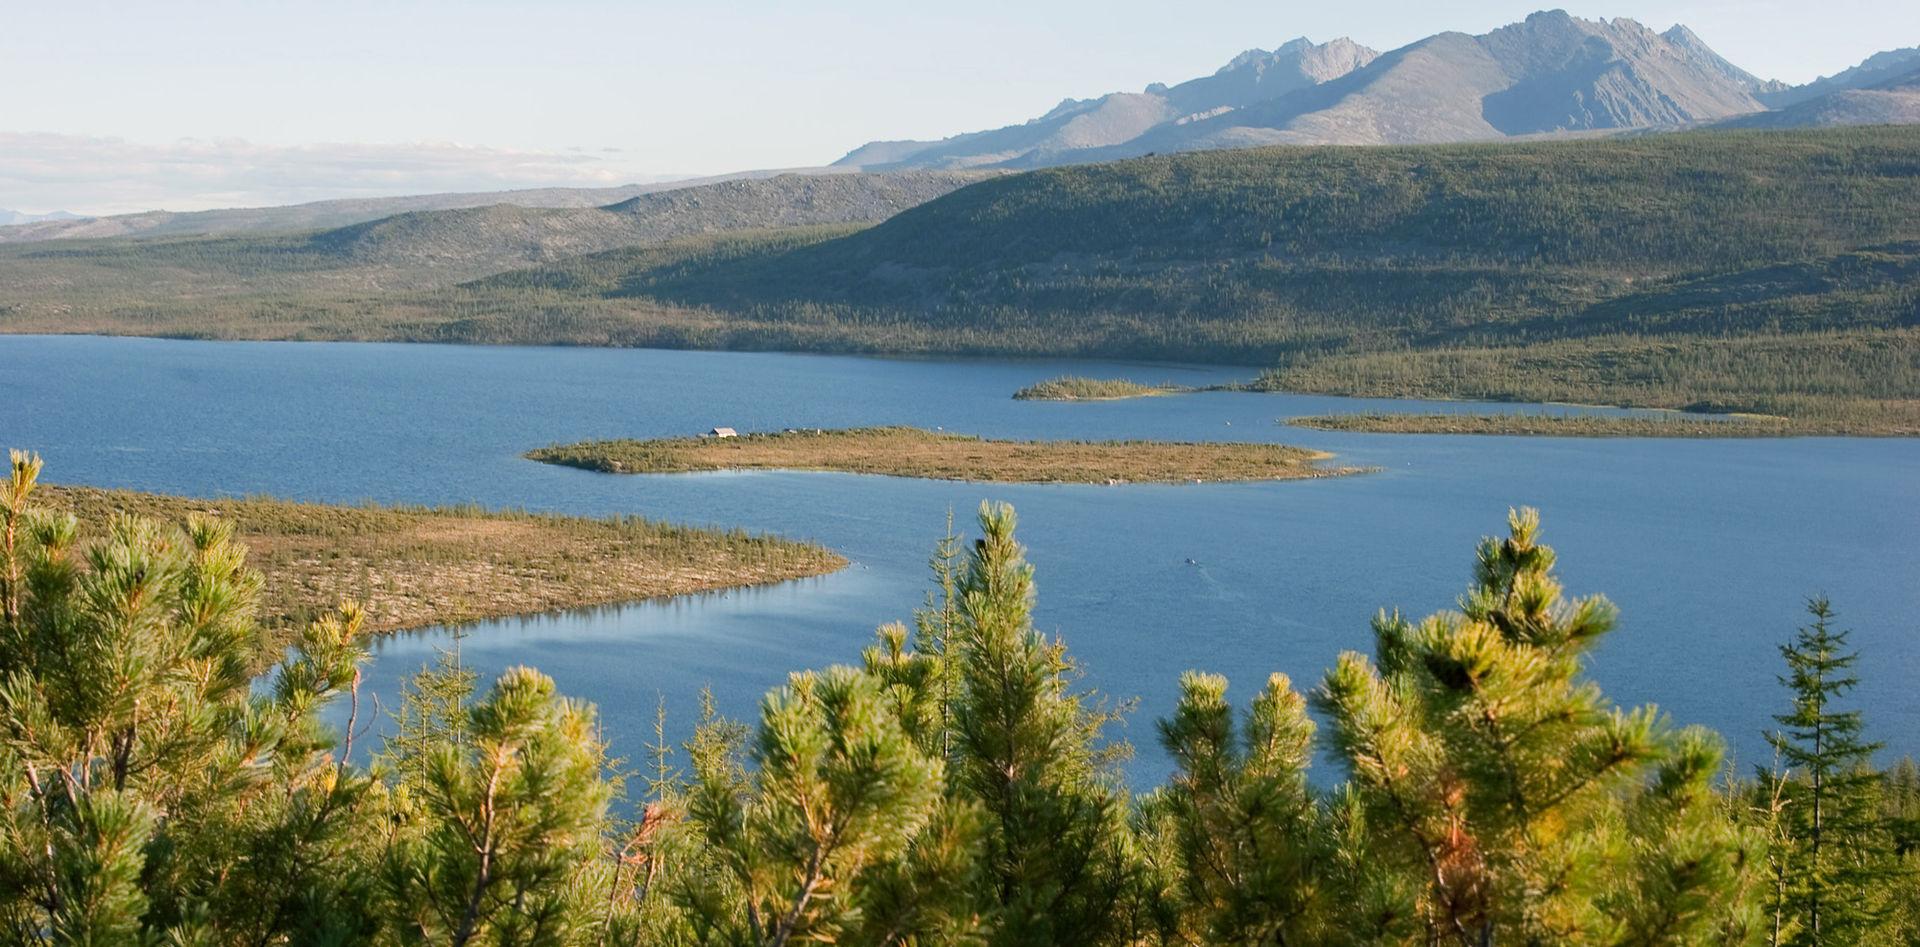 El lago Jack London, rodeado de taiga, en la región de Kolymá, Rusia. De Bartosh Dmytro, Ukraine, Kiev. http://fotostudio.com.ua - Trabajo propio, CC BY 3.0, https://commons.wikimedia.org/w/index.php?curid=9761882